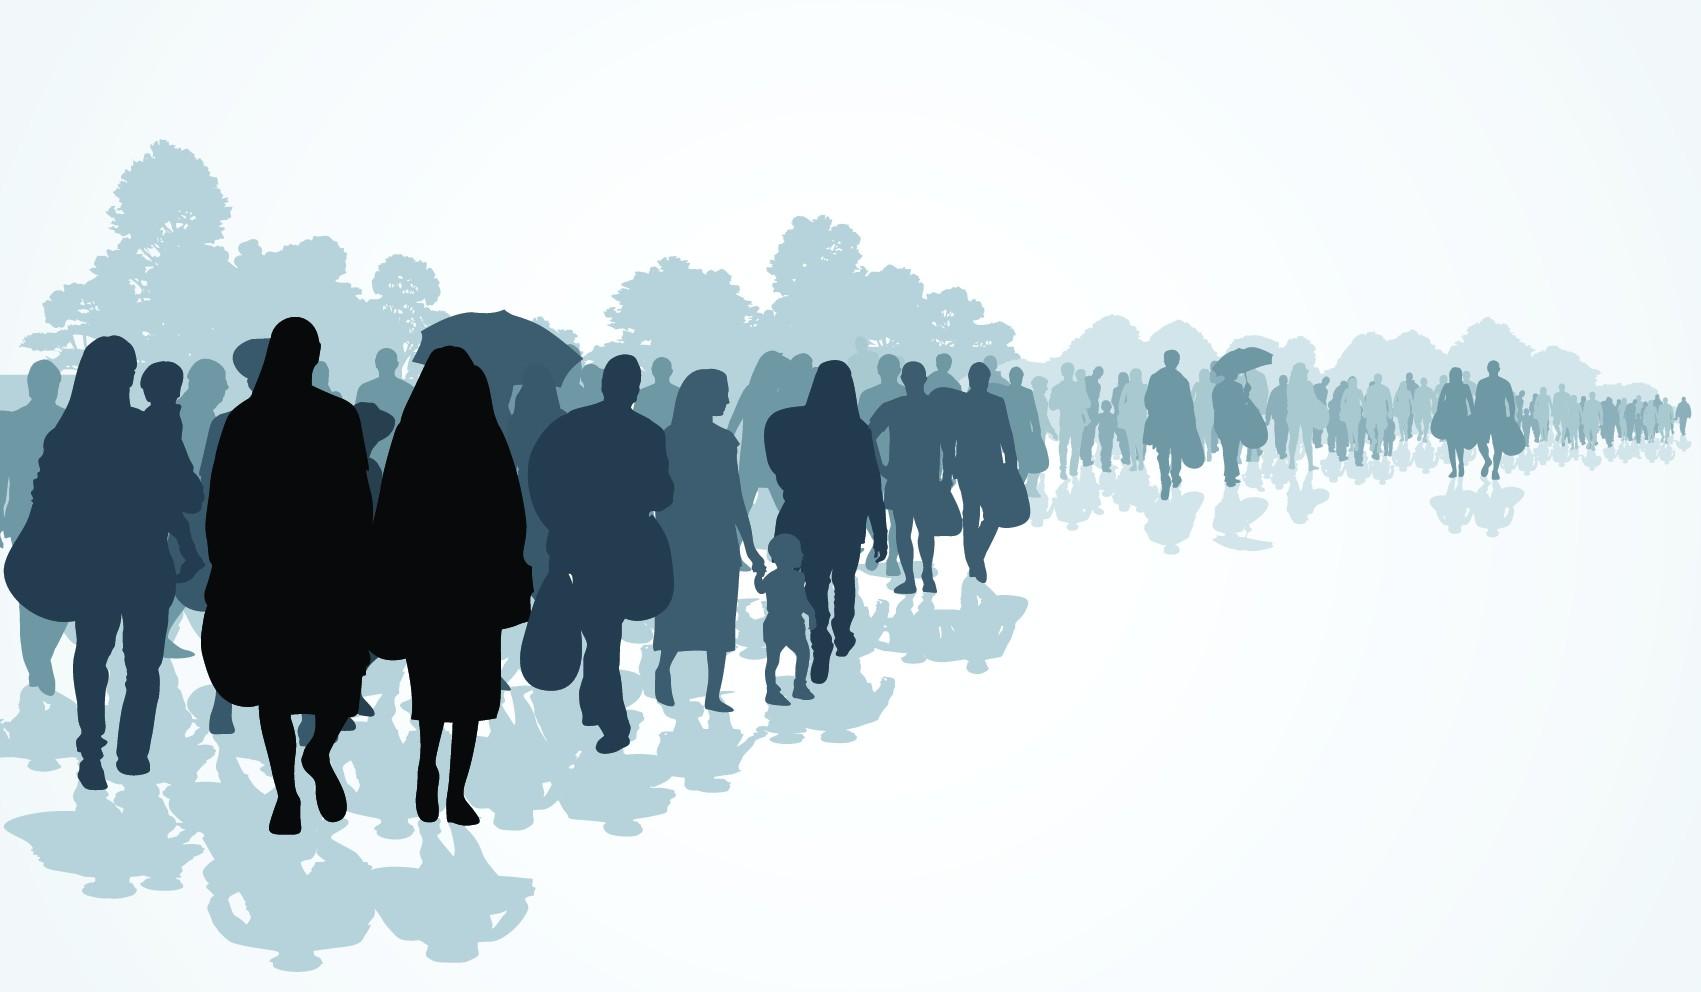 Immigrazione, tentativo di lettura transdisciplinare di un fenomeno complesso